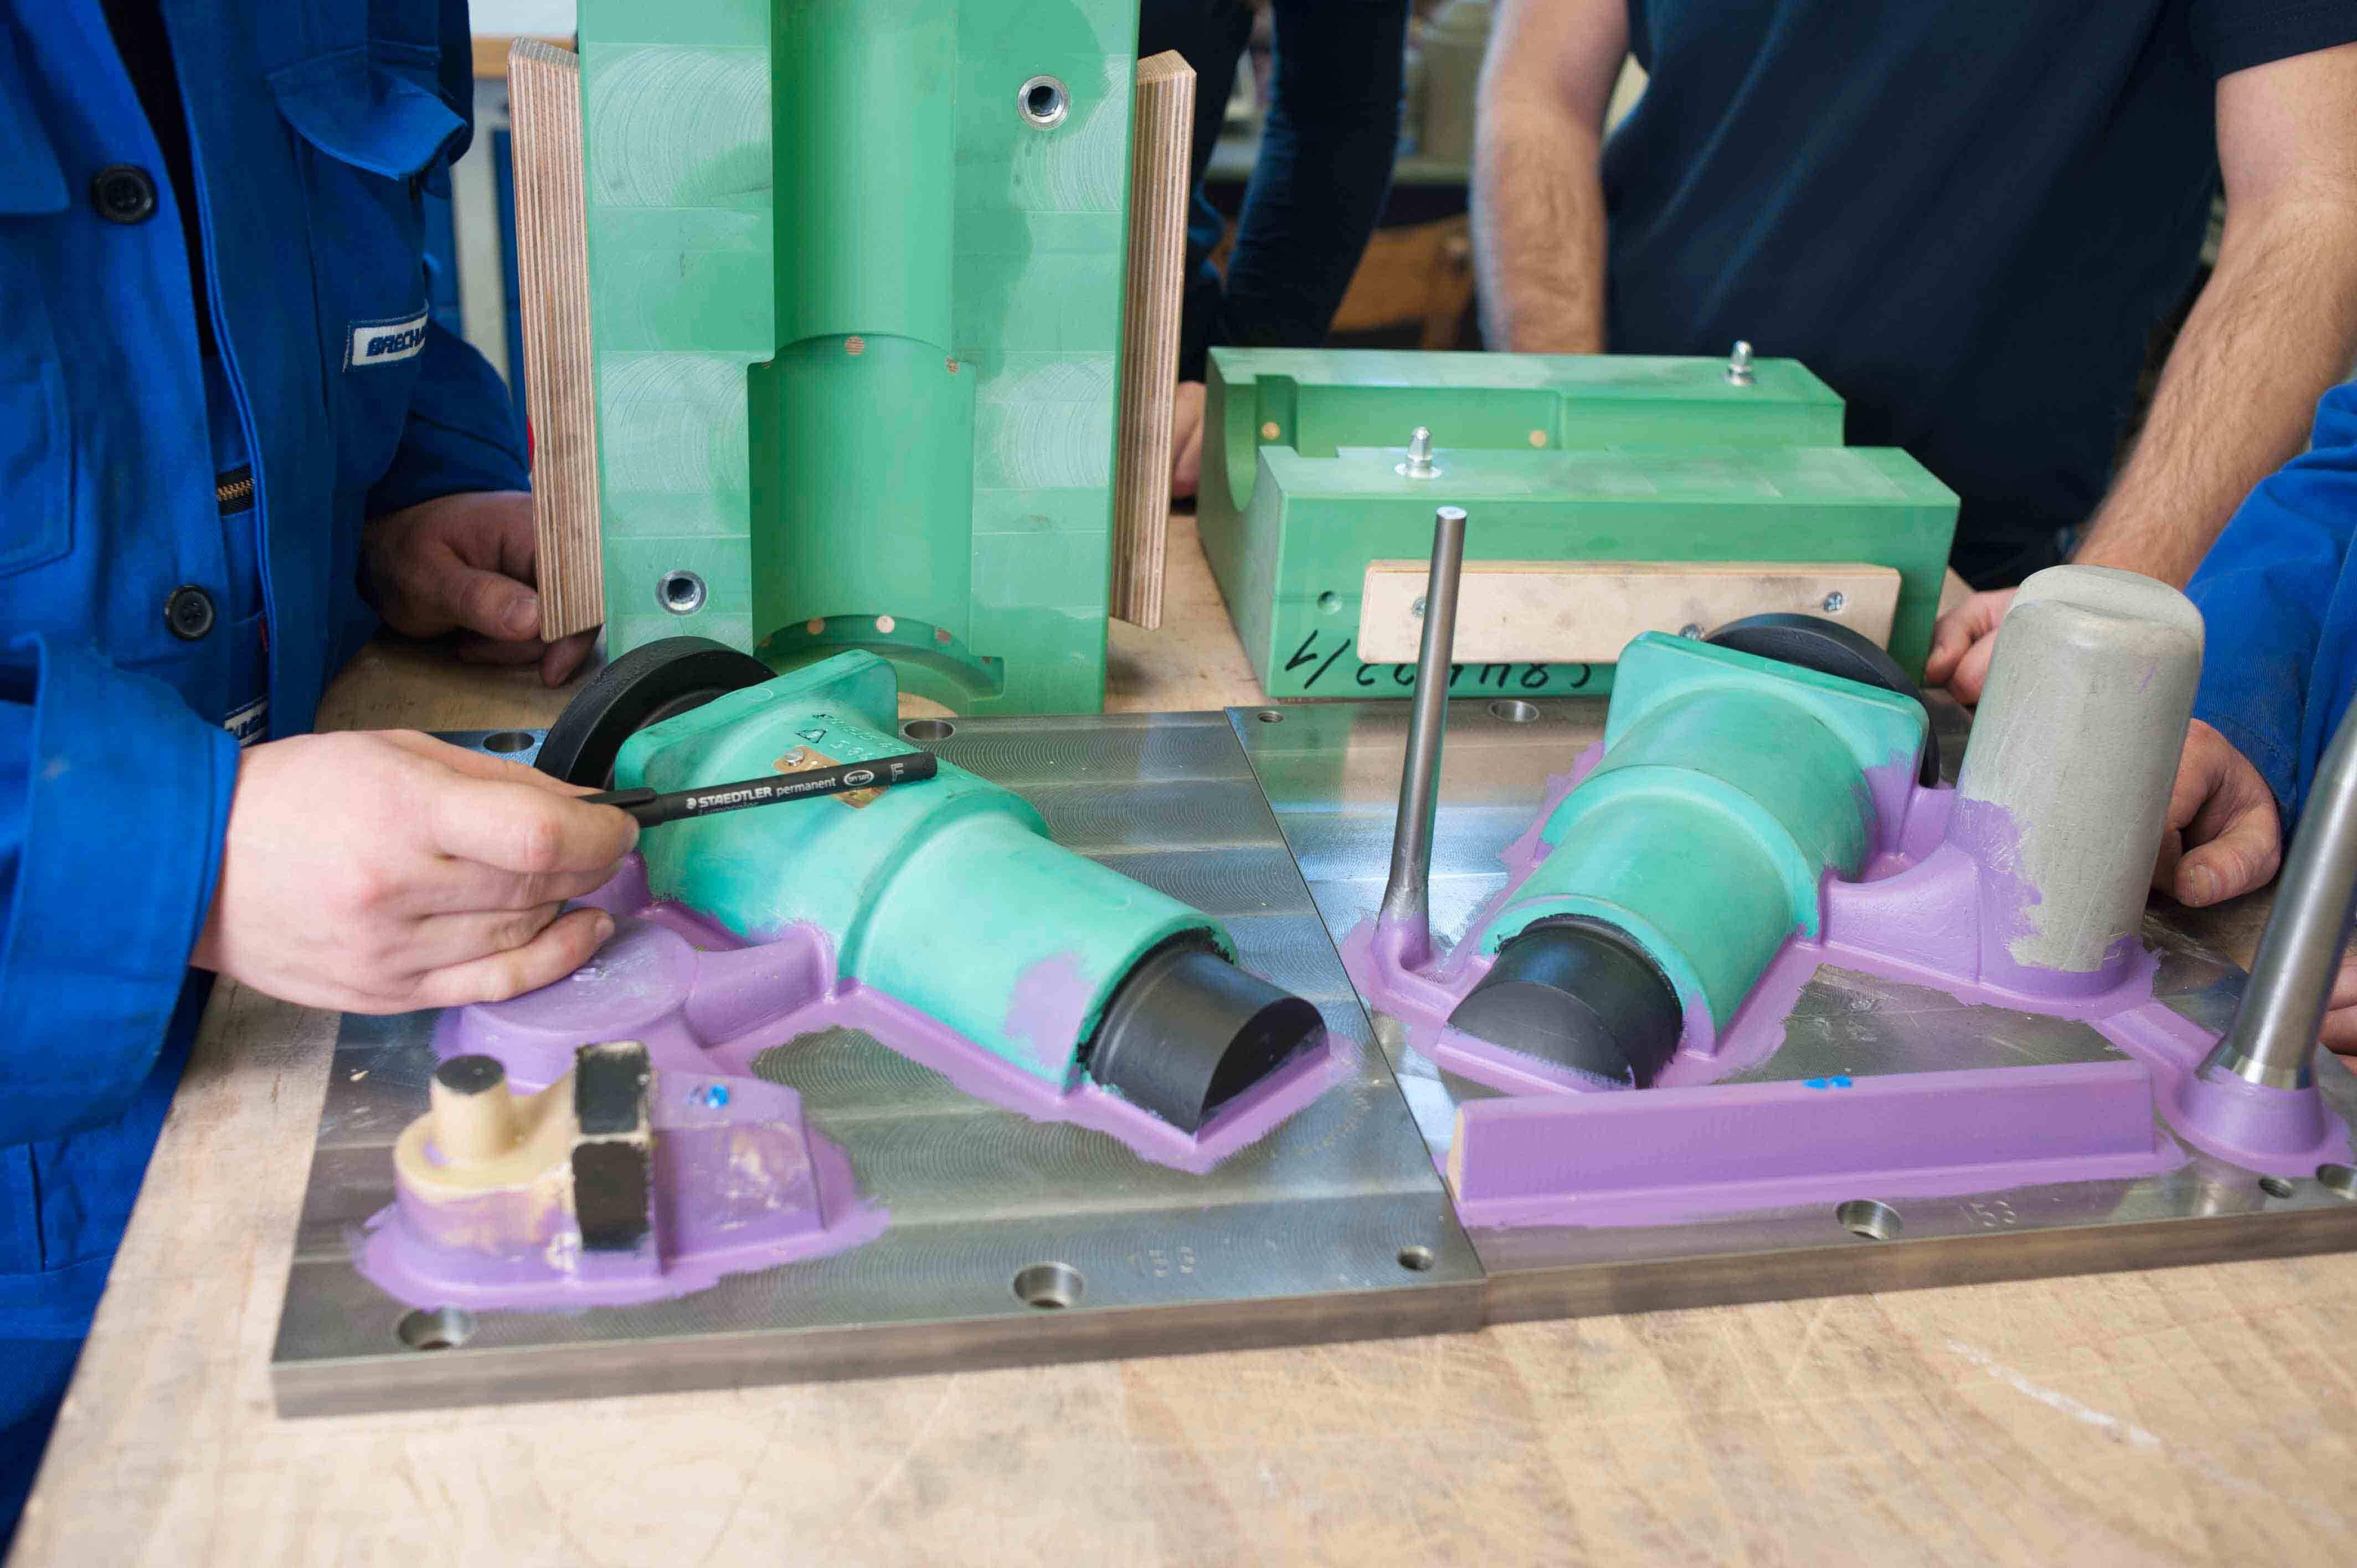 Modellbesprechung von Modell und Kernkasten zur Optimierung verschleißbeanspruchter Radien - Verschleißreduzierung